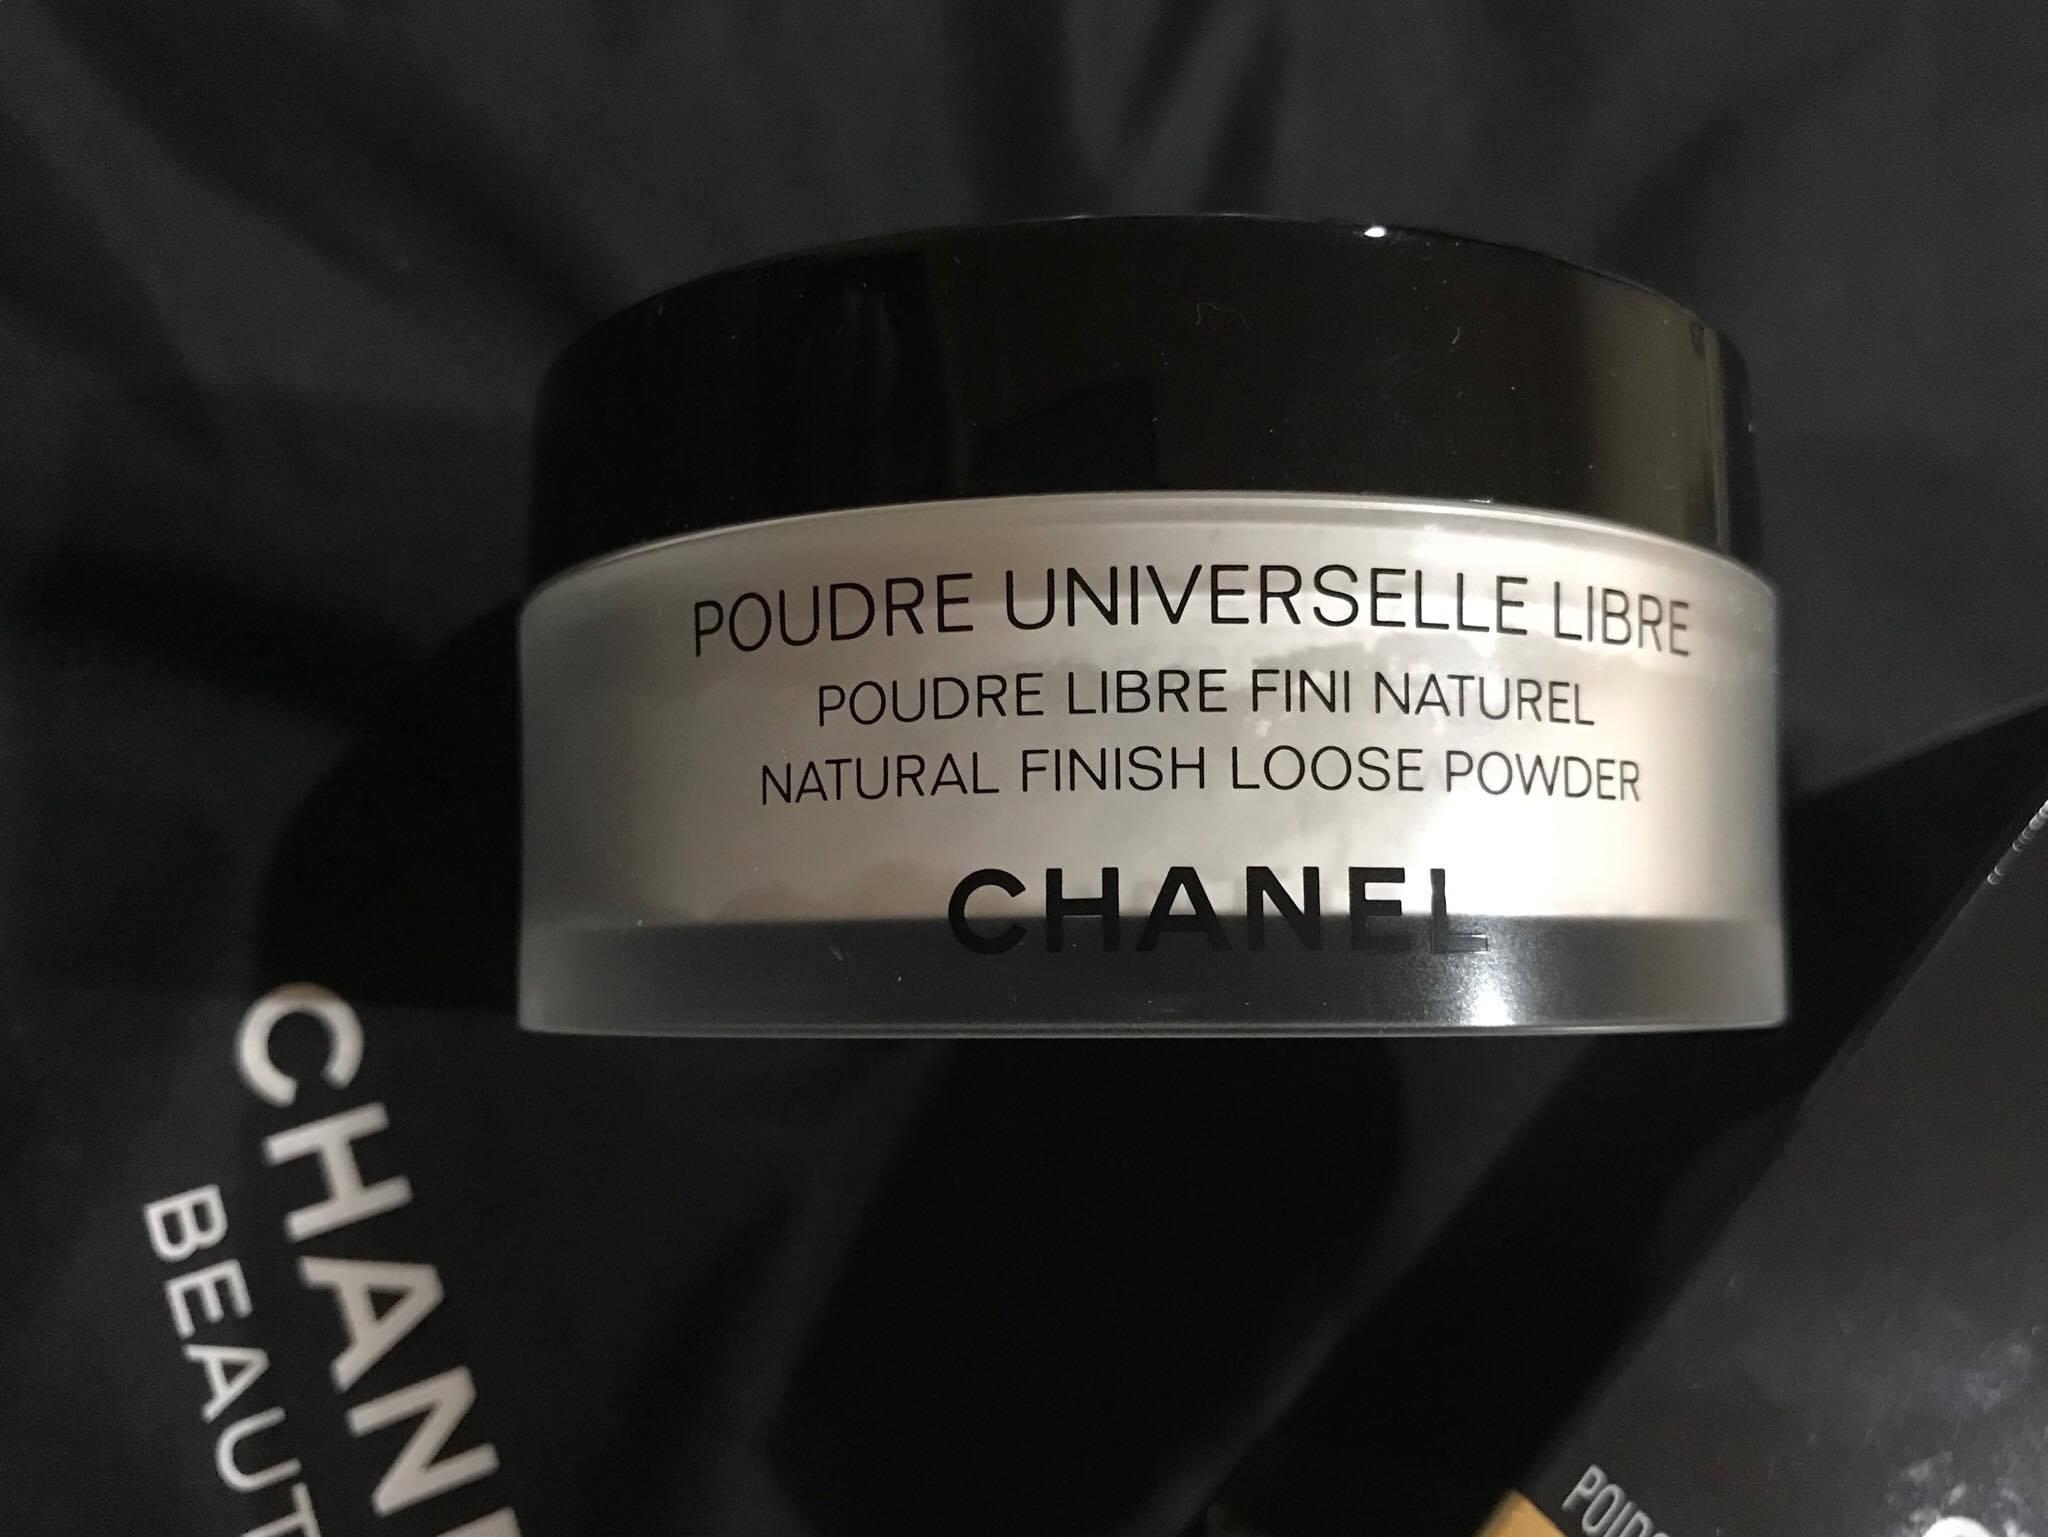 Chanel Poudre Universelle Libre 10 Limpide 1 1650